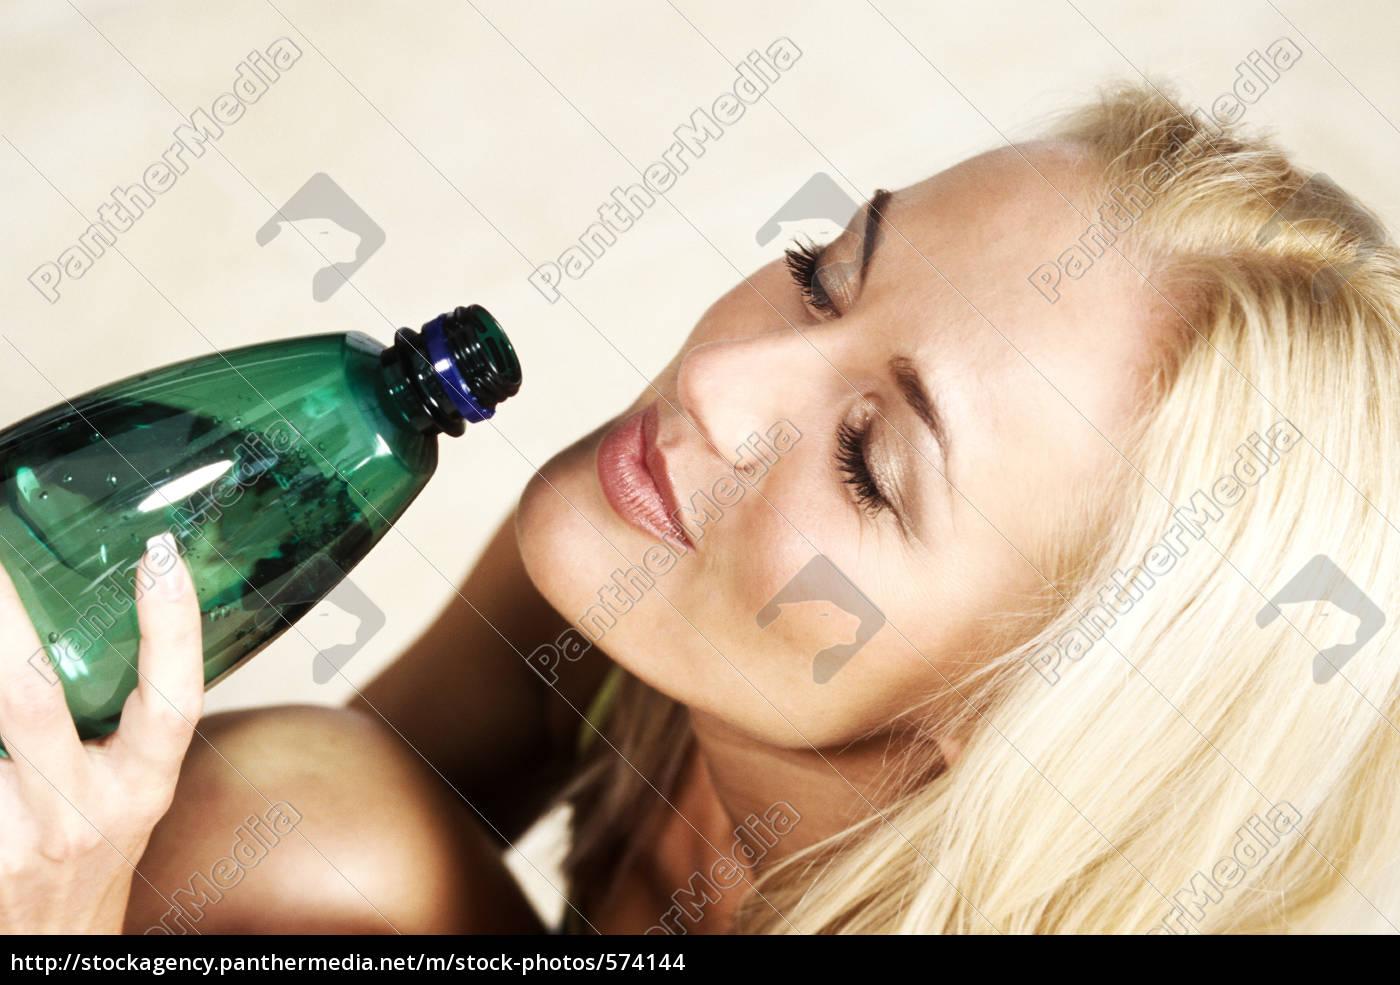 martina071 - 574144